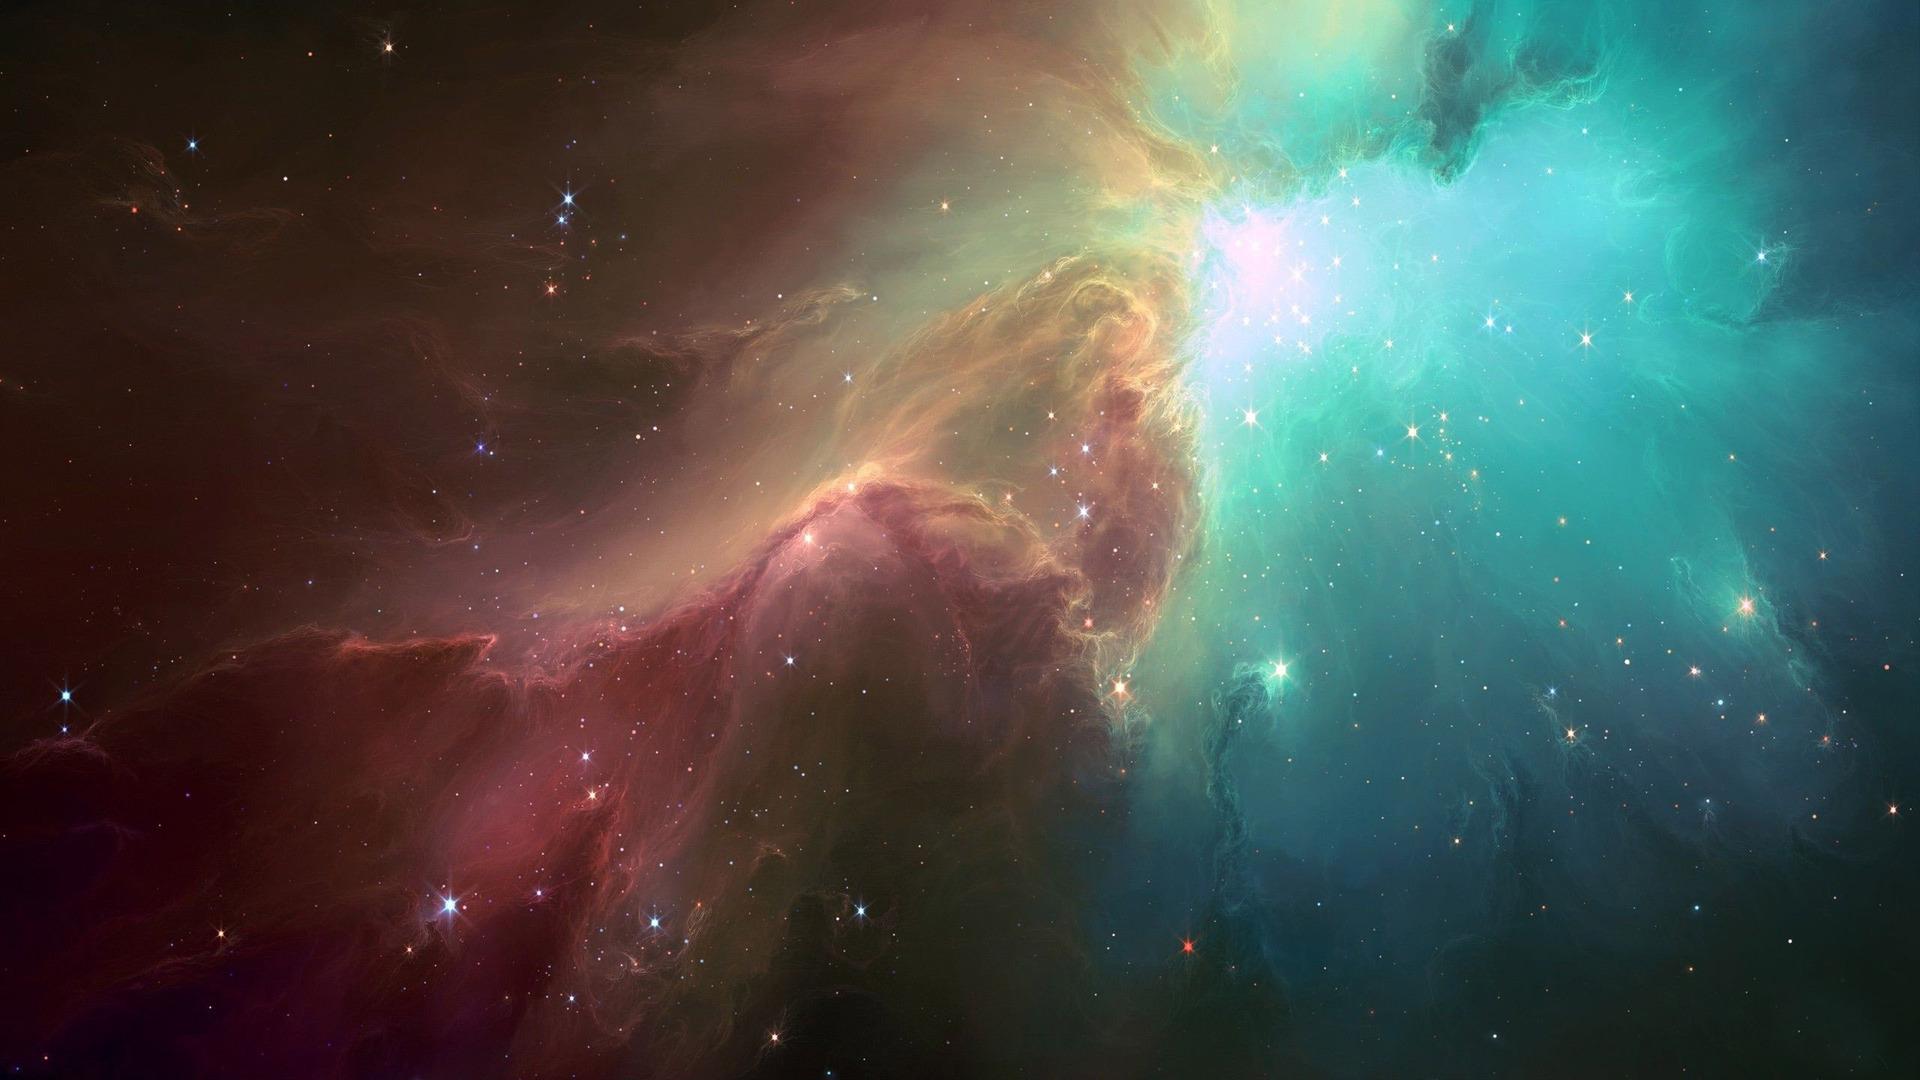 Nebula Wallpaper for Computer - WallpaperSafari